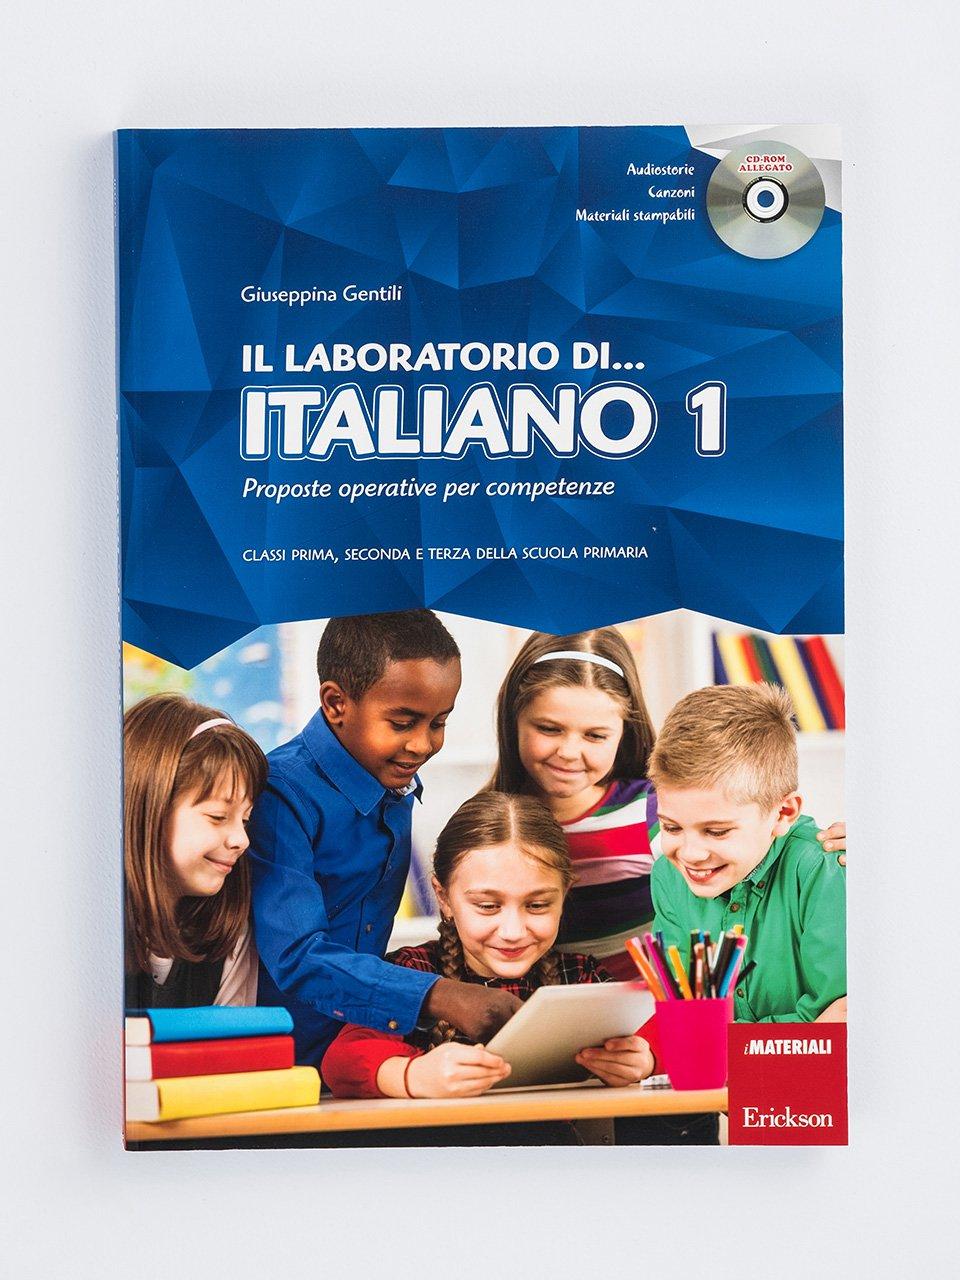 Il laboratorio di... italiano - Volume 1 - didattica laboratoriale - Erickson